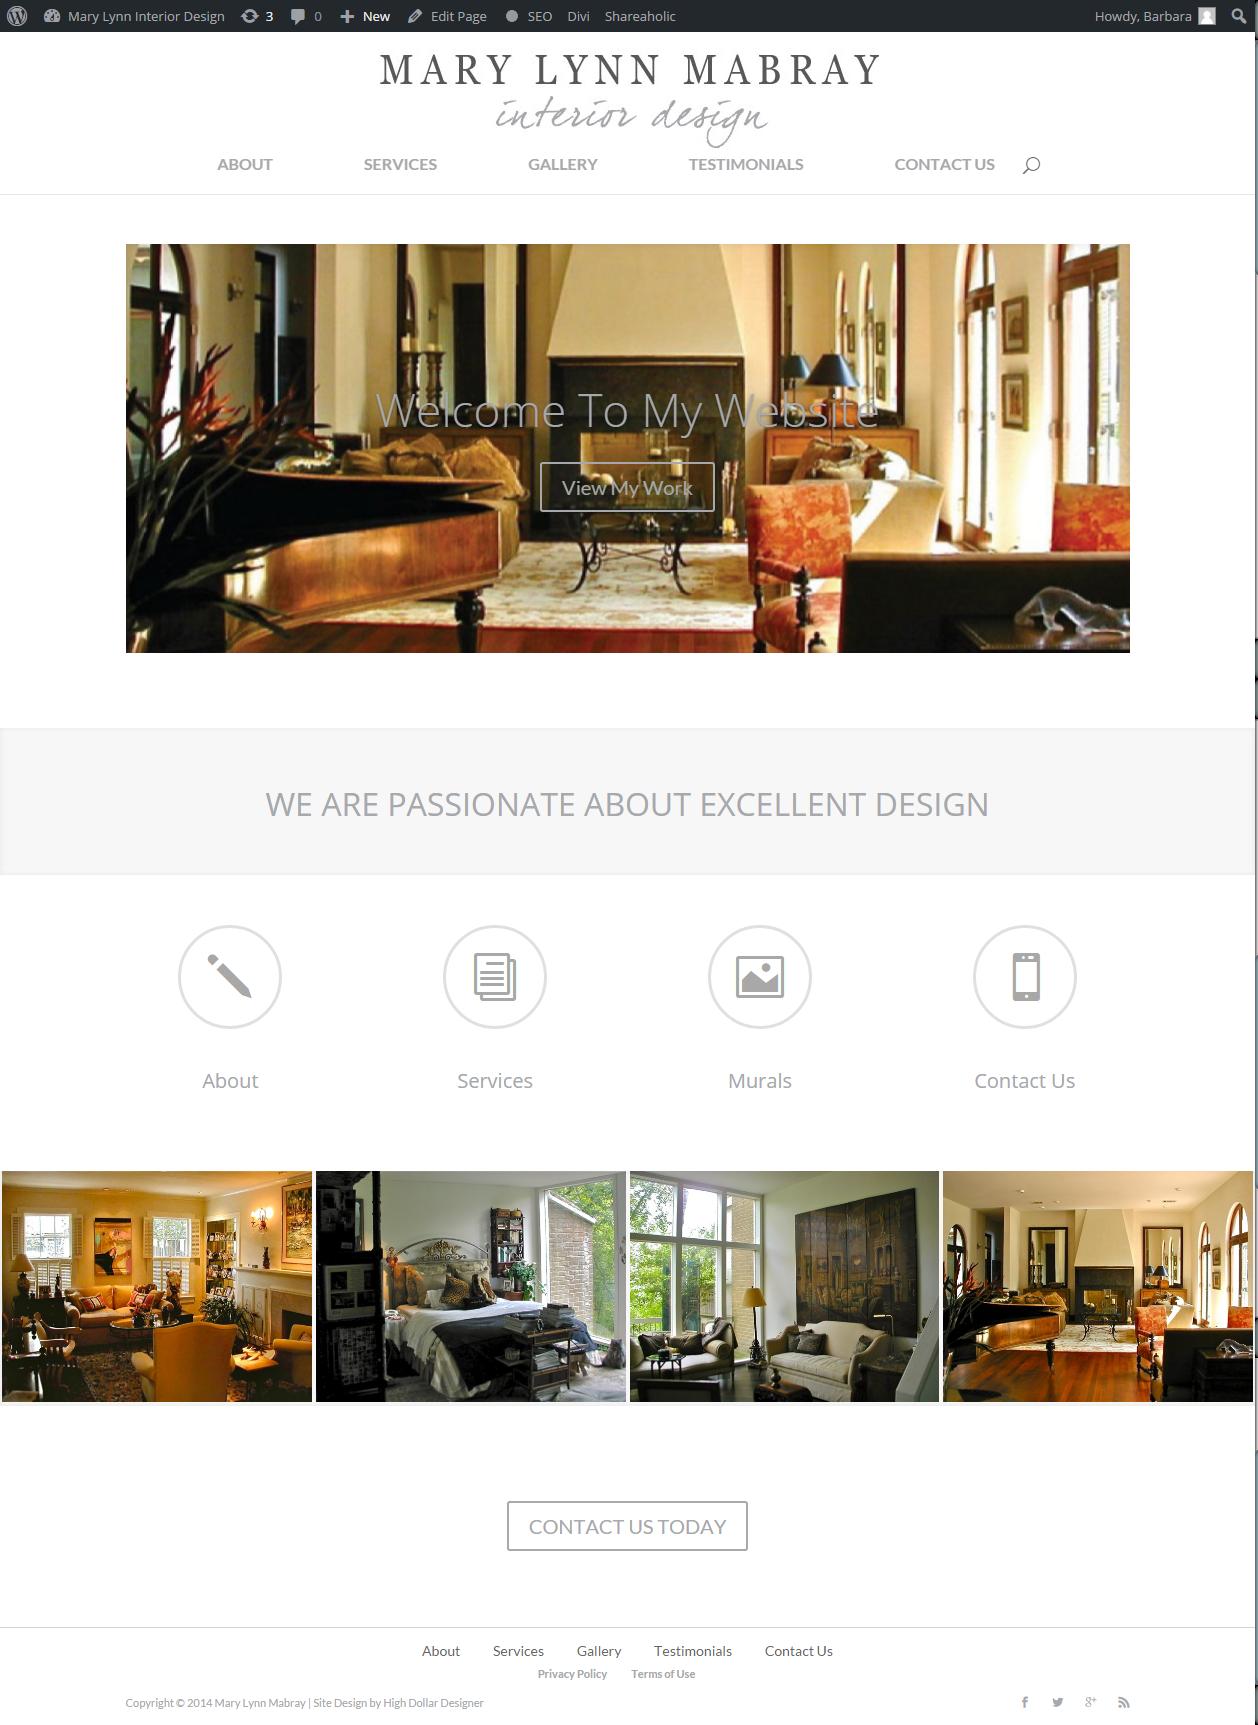 Website Design: Mary Lynn Mabray